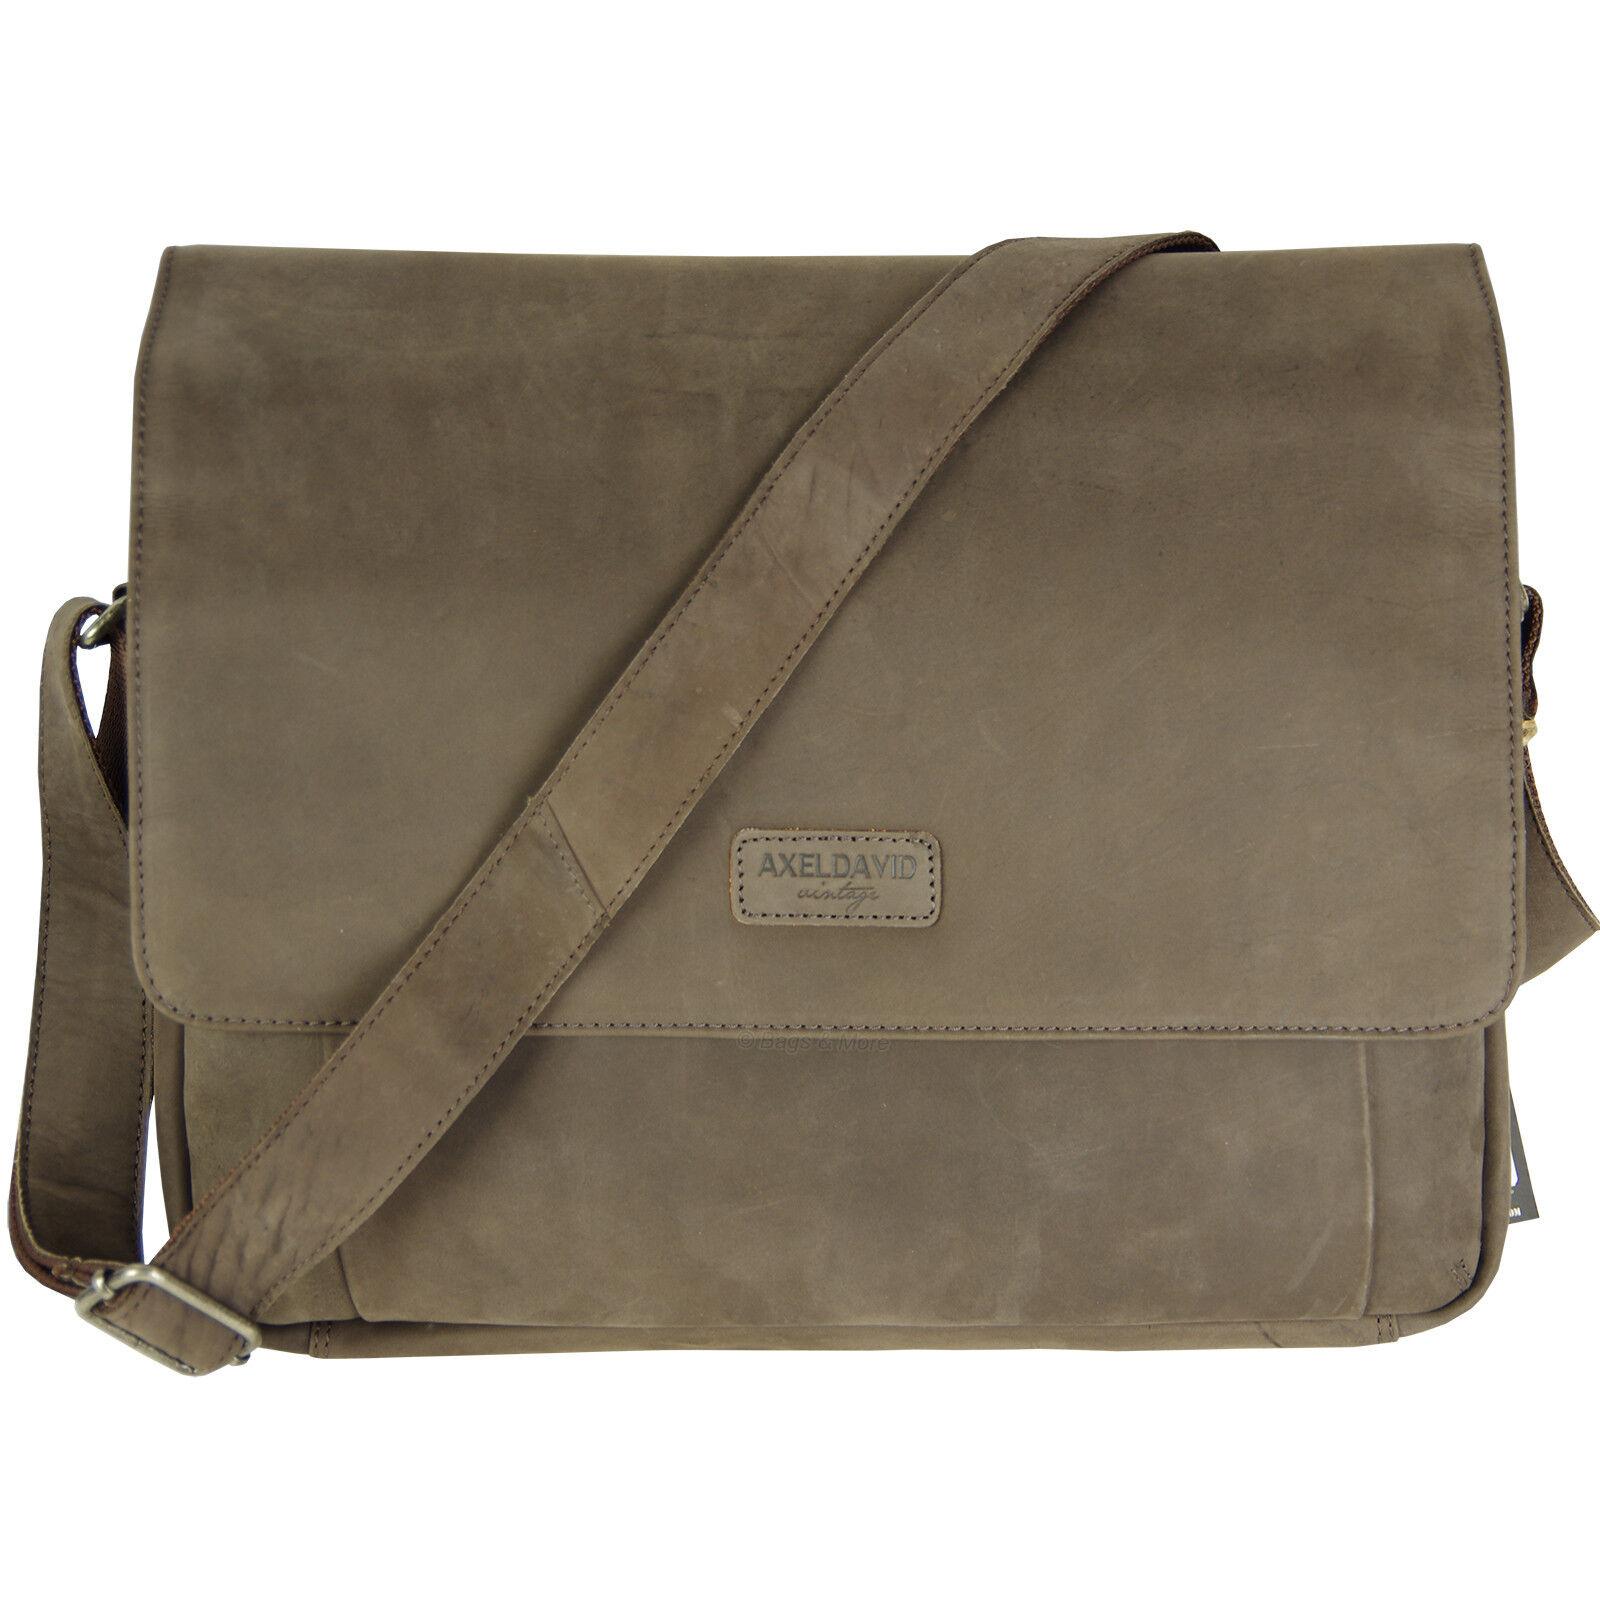 AXEL DAVID Umhängetasche Schultertasche Leder Tasche HUNTER Laptop Aktentasche | Exquisite (mittlere) Verarbeitung